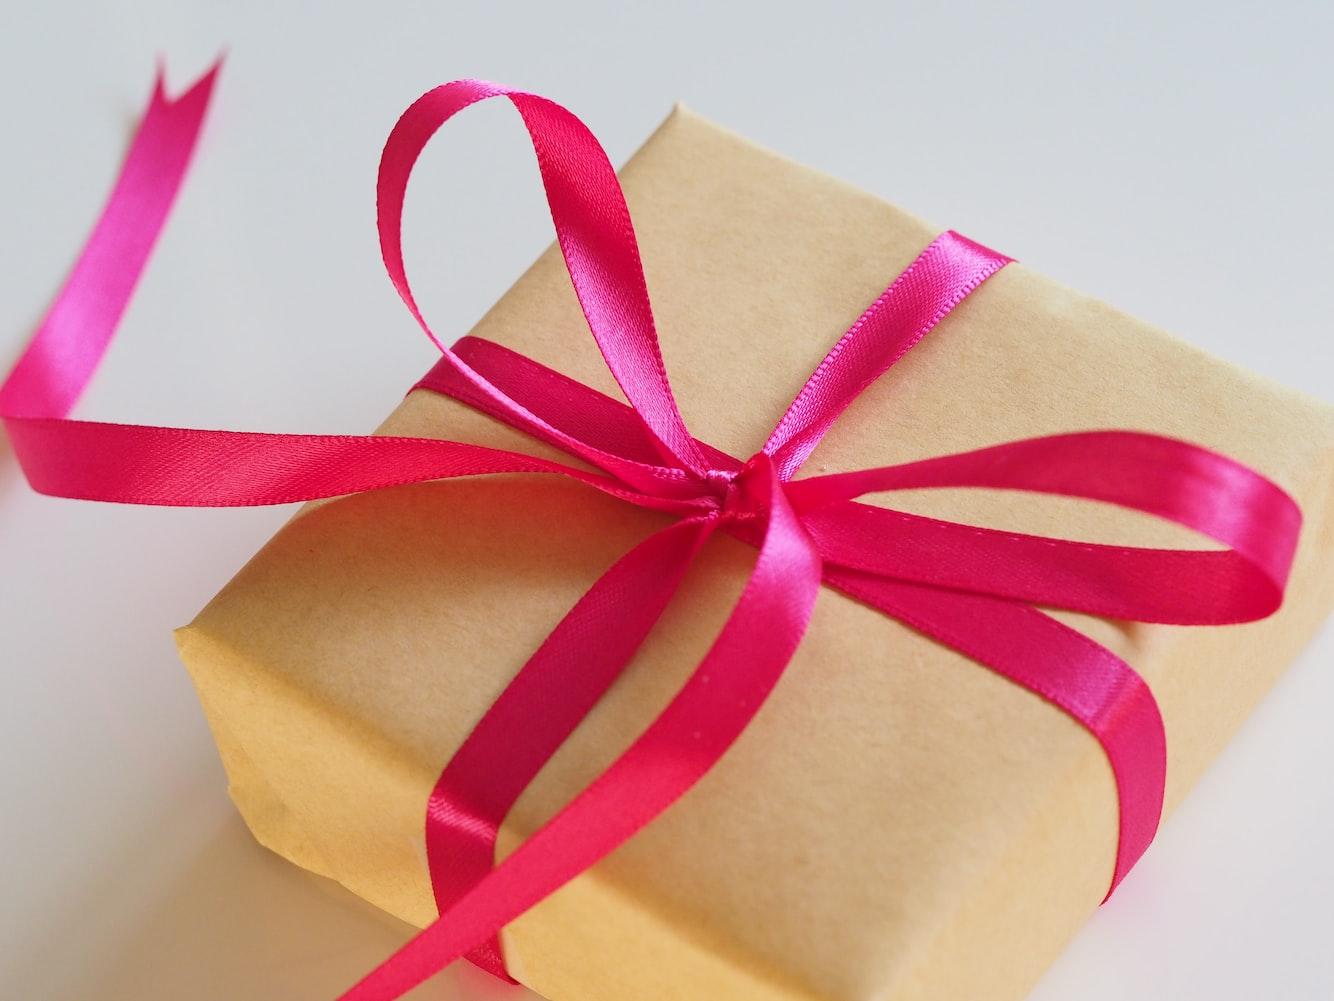 カップル,誕生日,お家,お祝い,プラン,彼氏,恋人,ブログ,日記,ラーメン,くら寿司,プレゼント